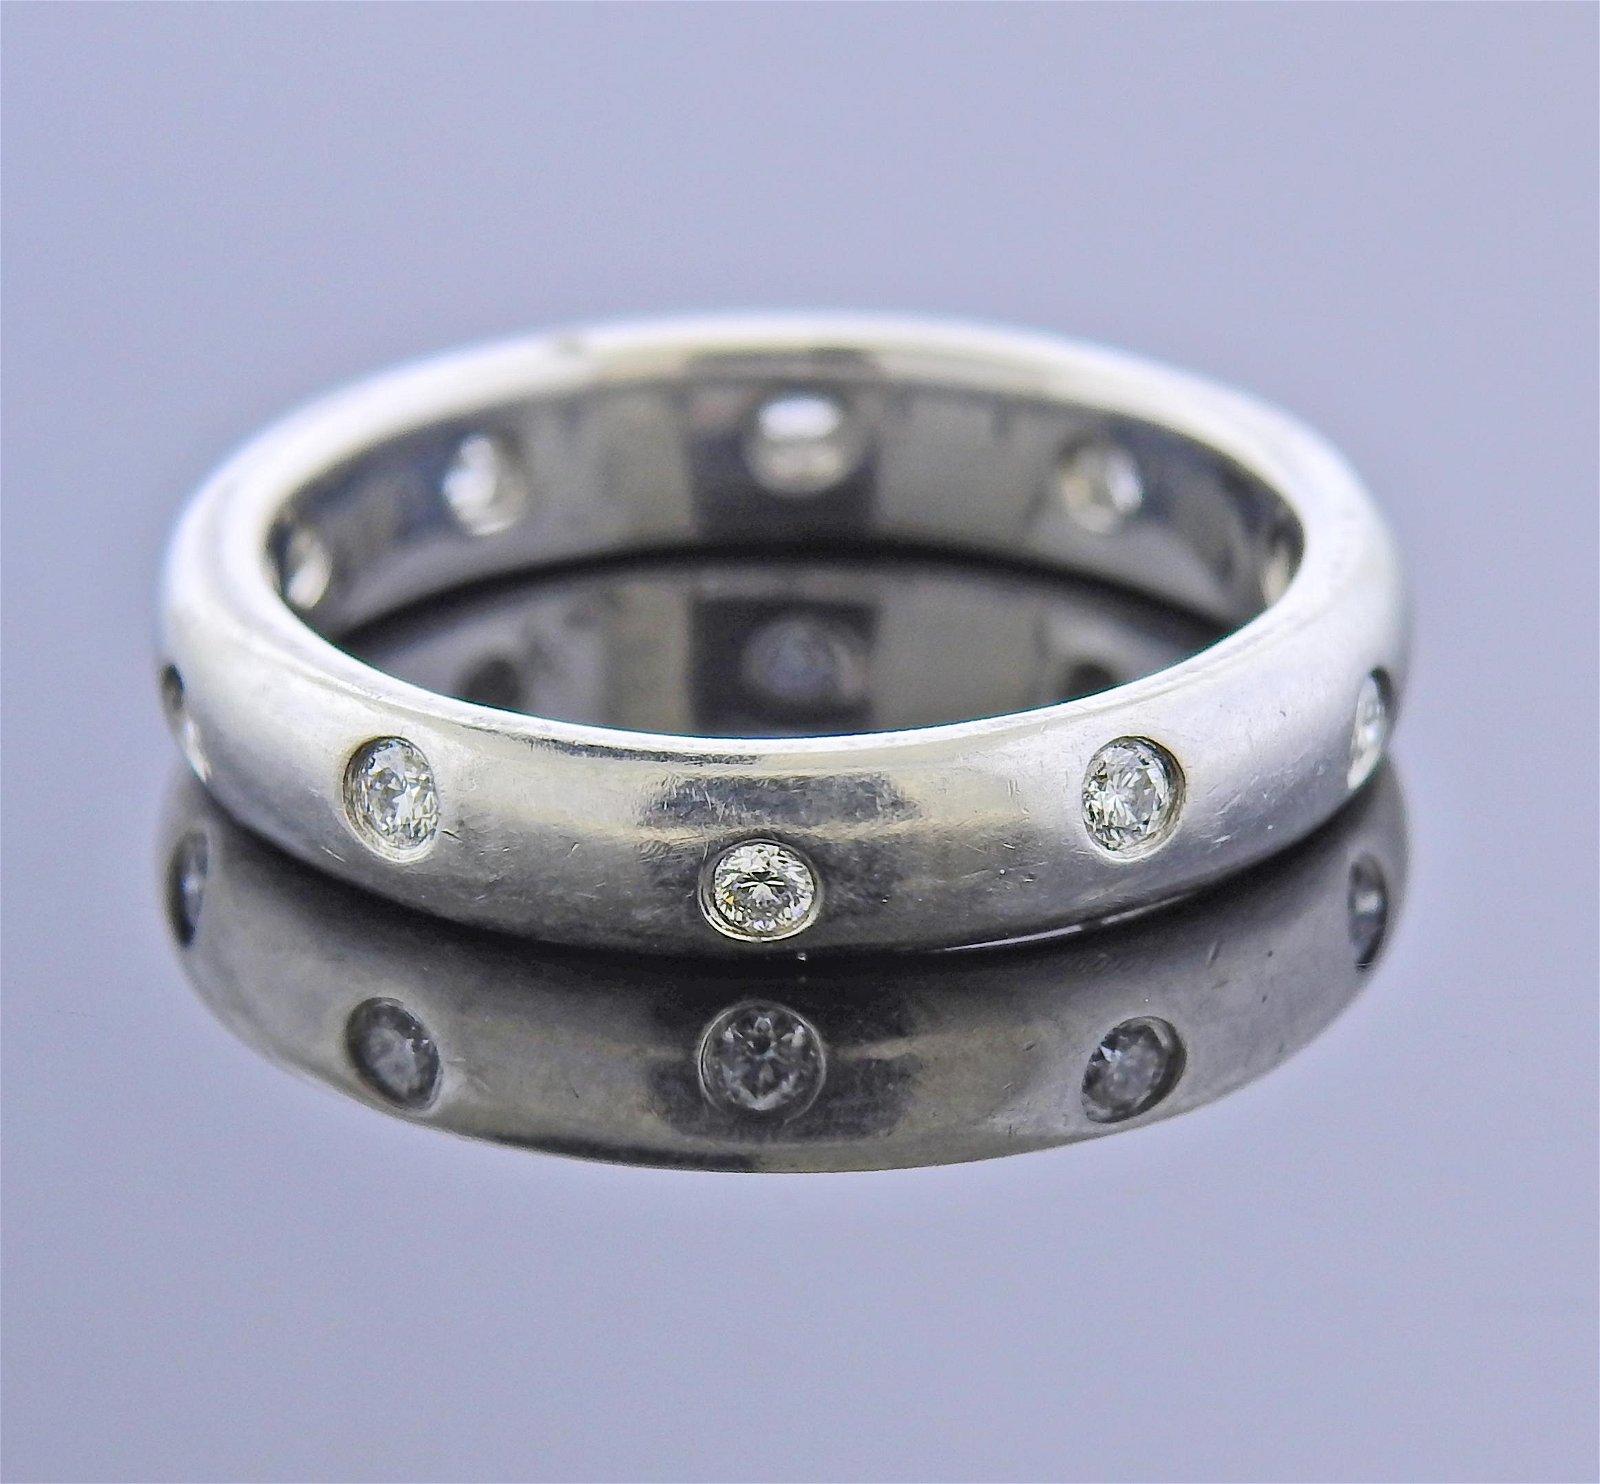 Tiffany & Co Etoile Platinum Diamond Band Ring